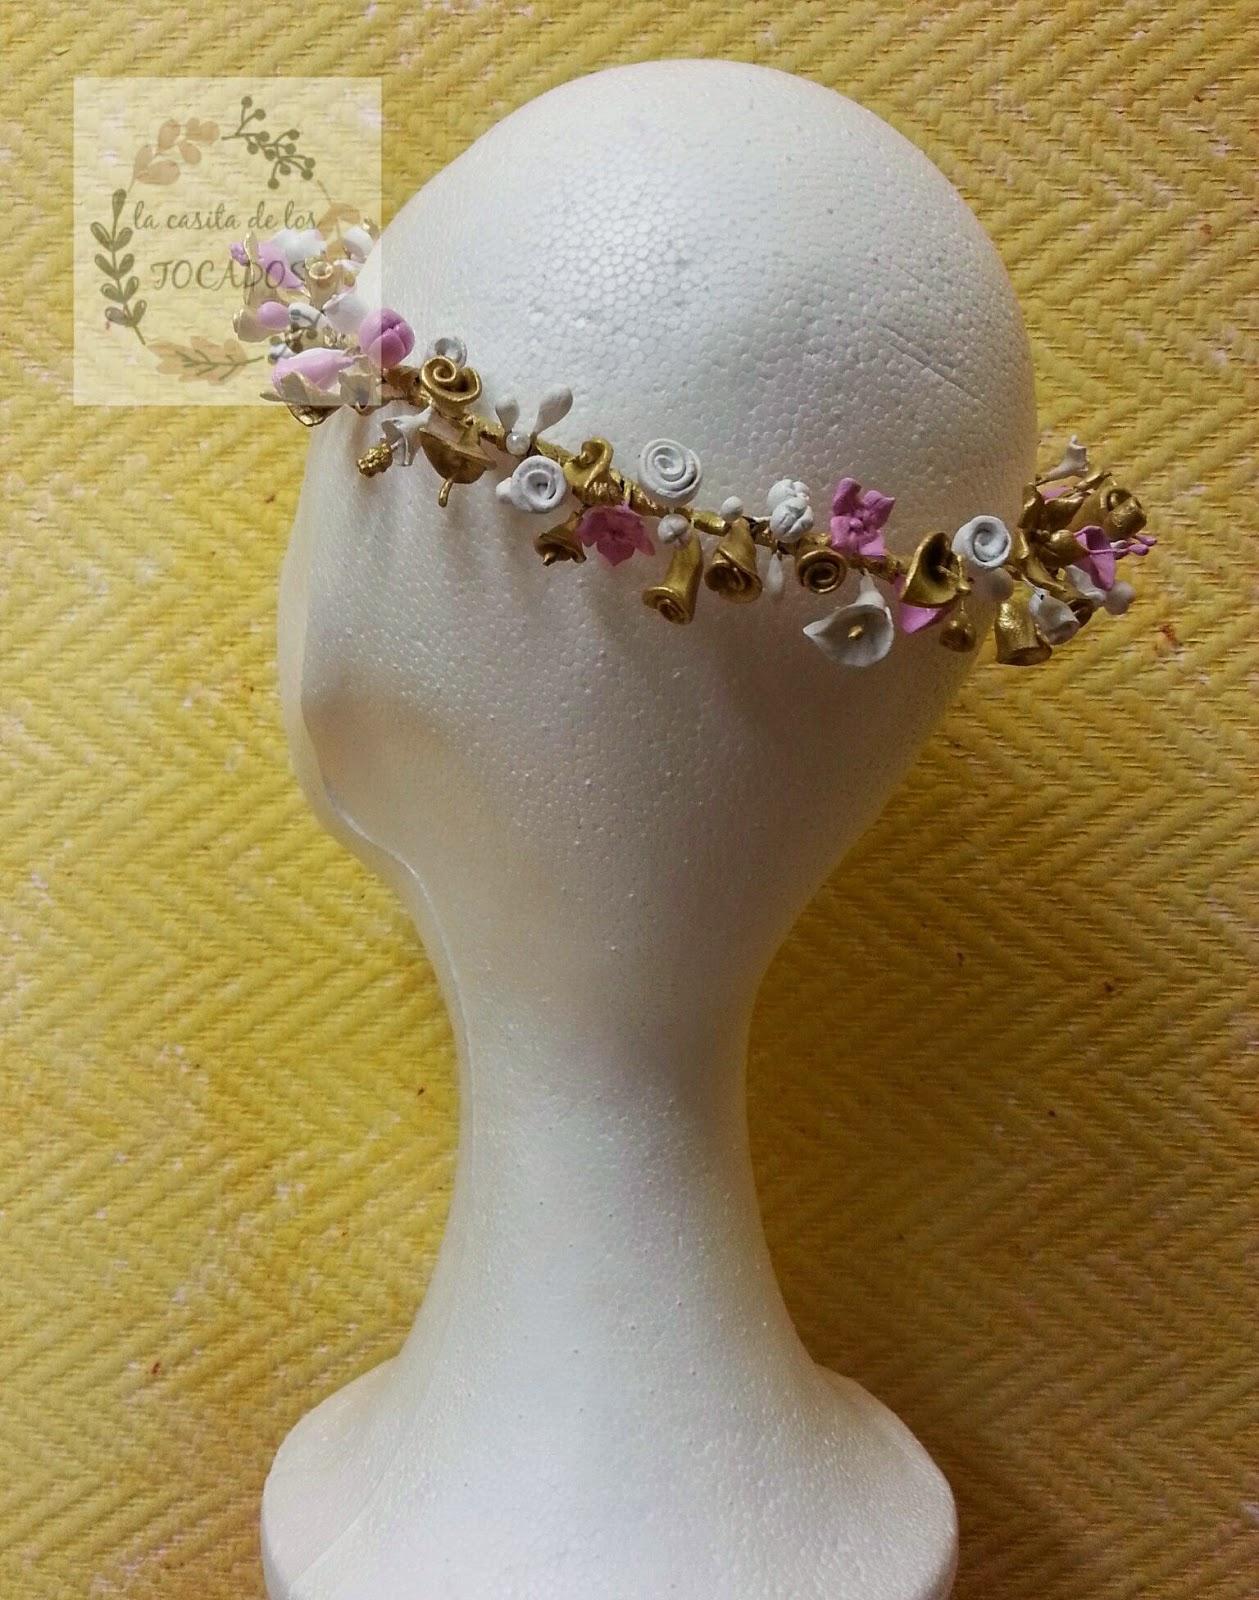 corona de flores y pistilos de porcelana en colores rosa, blanco y dorado para boda, o en look casual